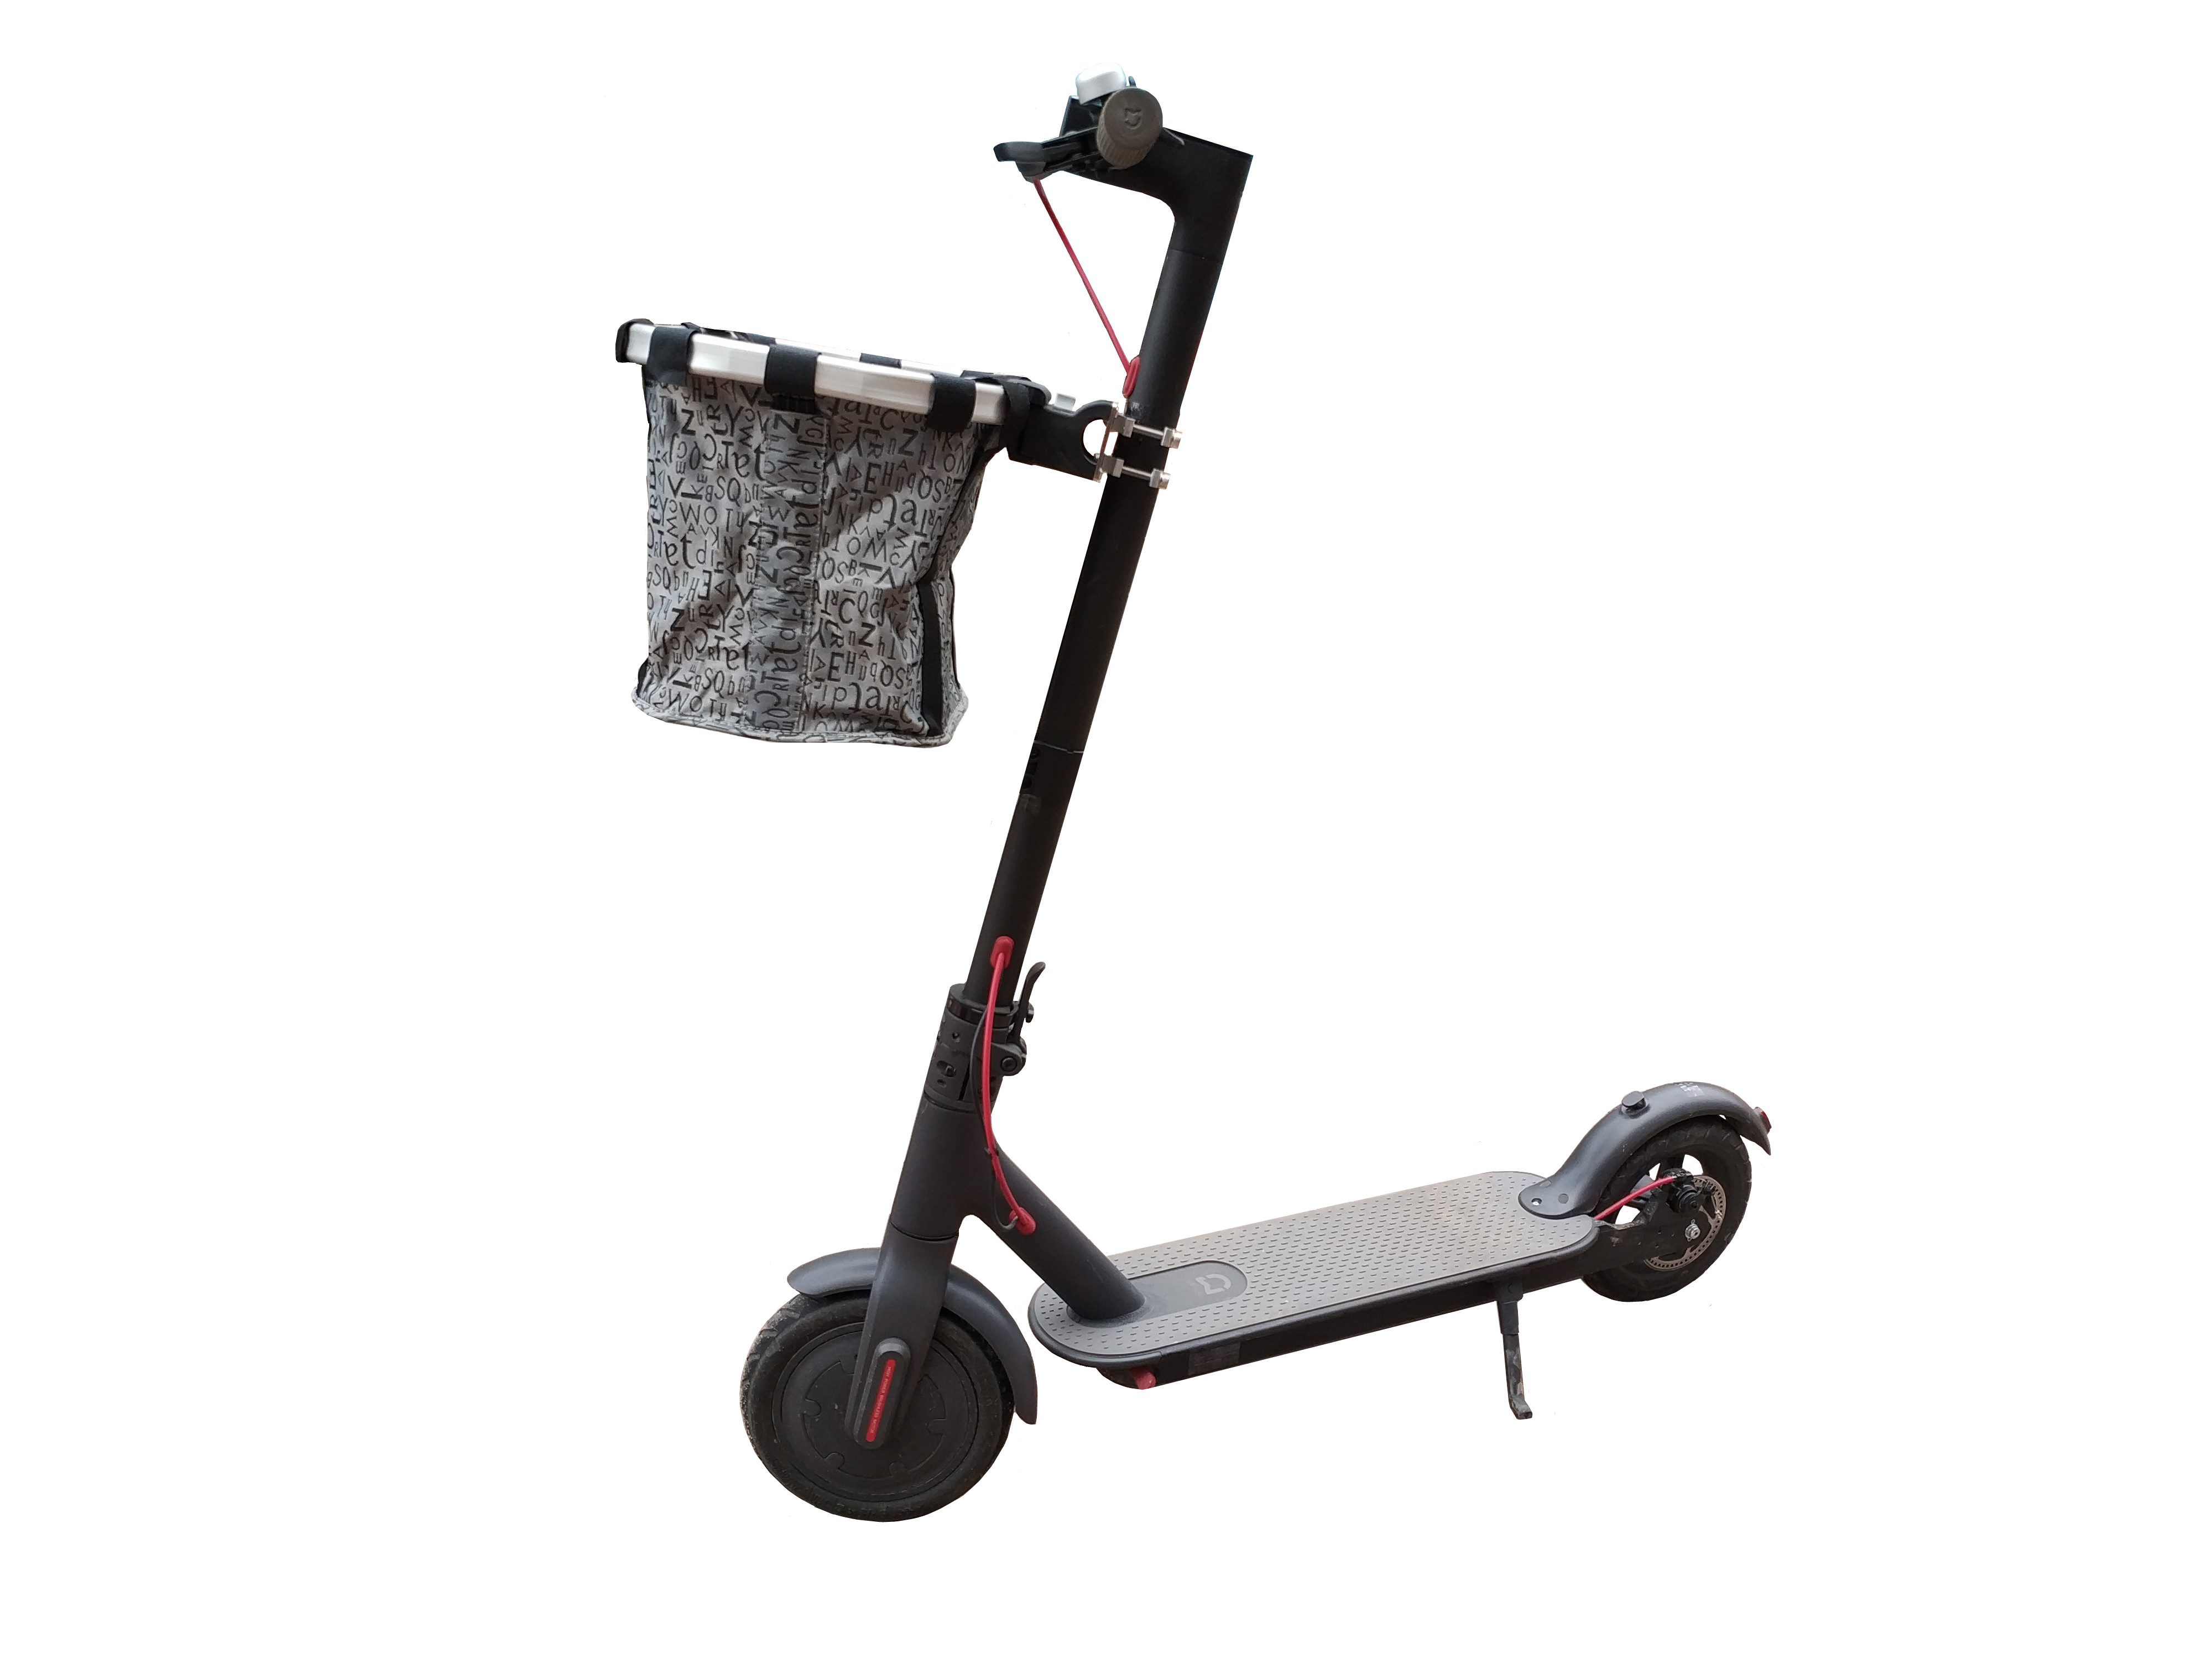 小米滑板车后蓝山地自行车筐快拆车篮折叠车前车篓骑记电助力车筐